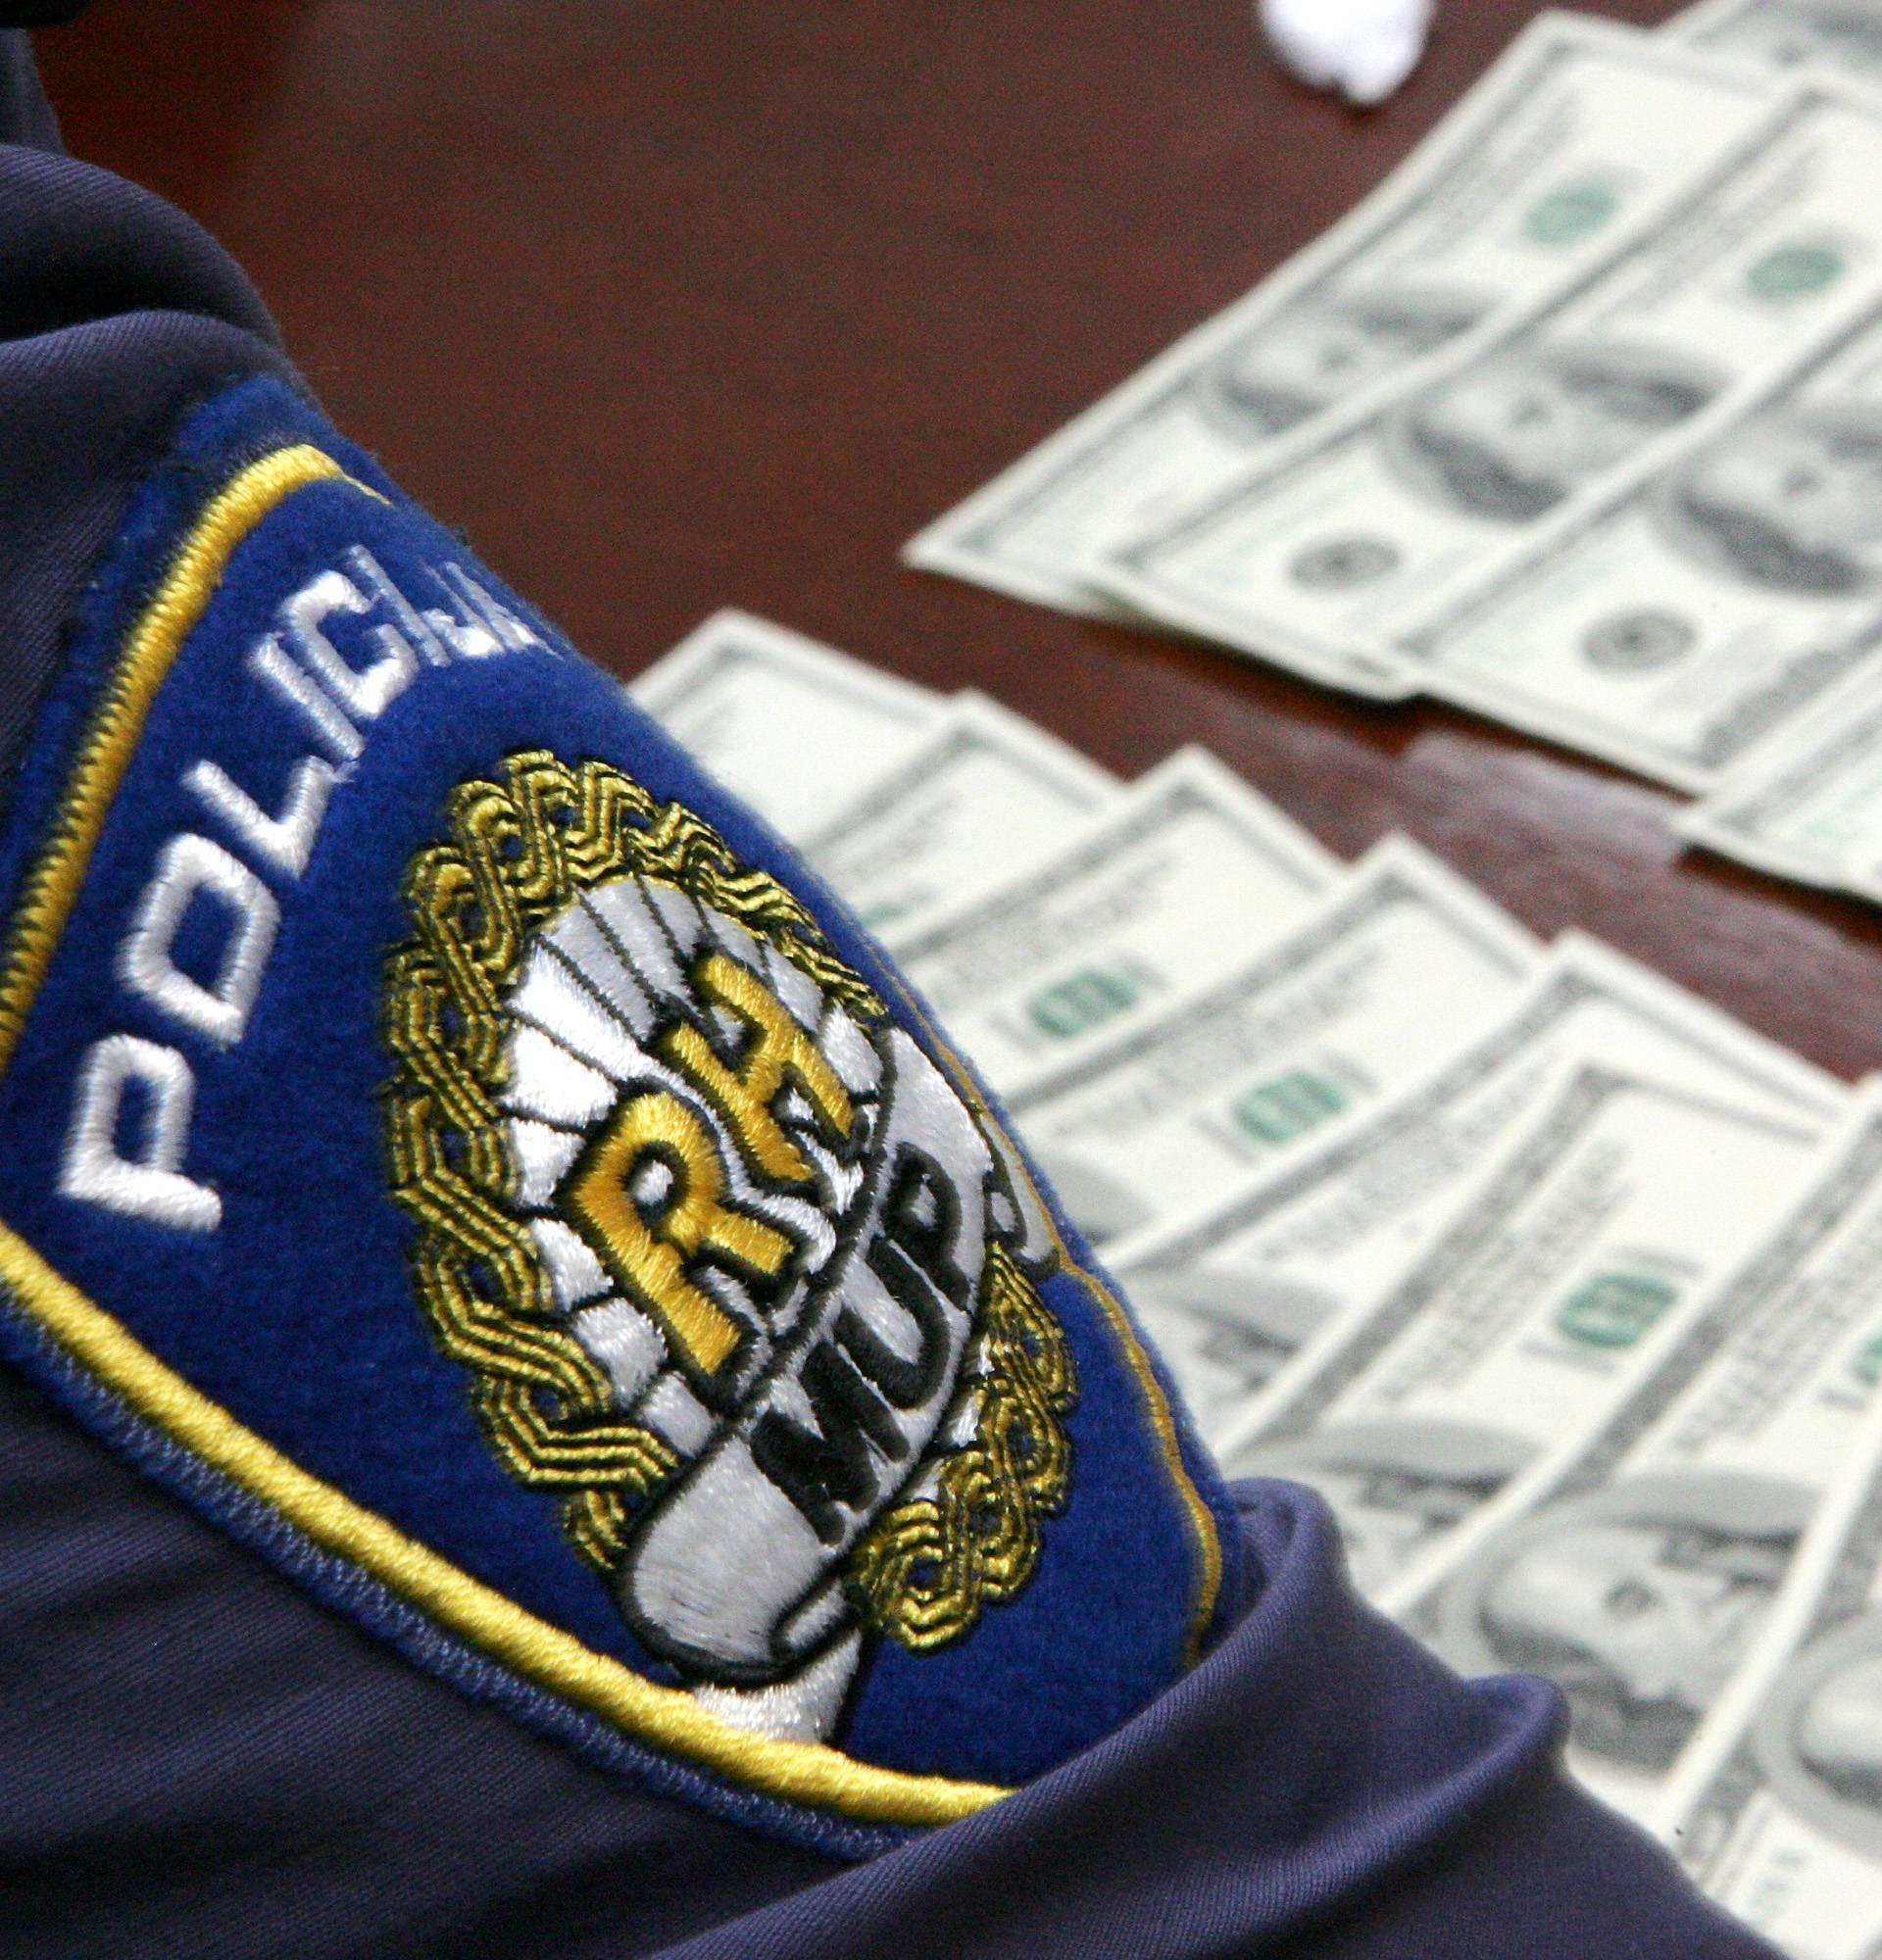 Krivotvorenim novcem plaćali i u kladionicama, uhvatili su ih